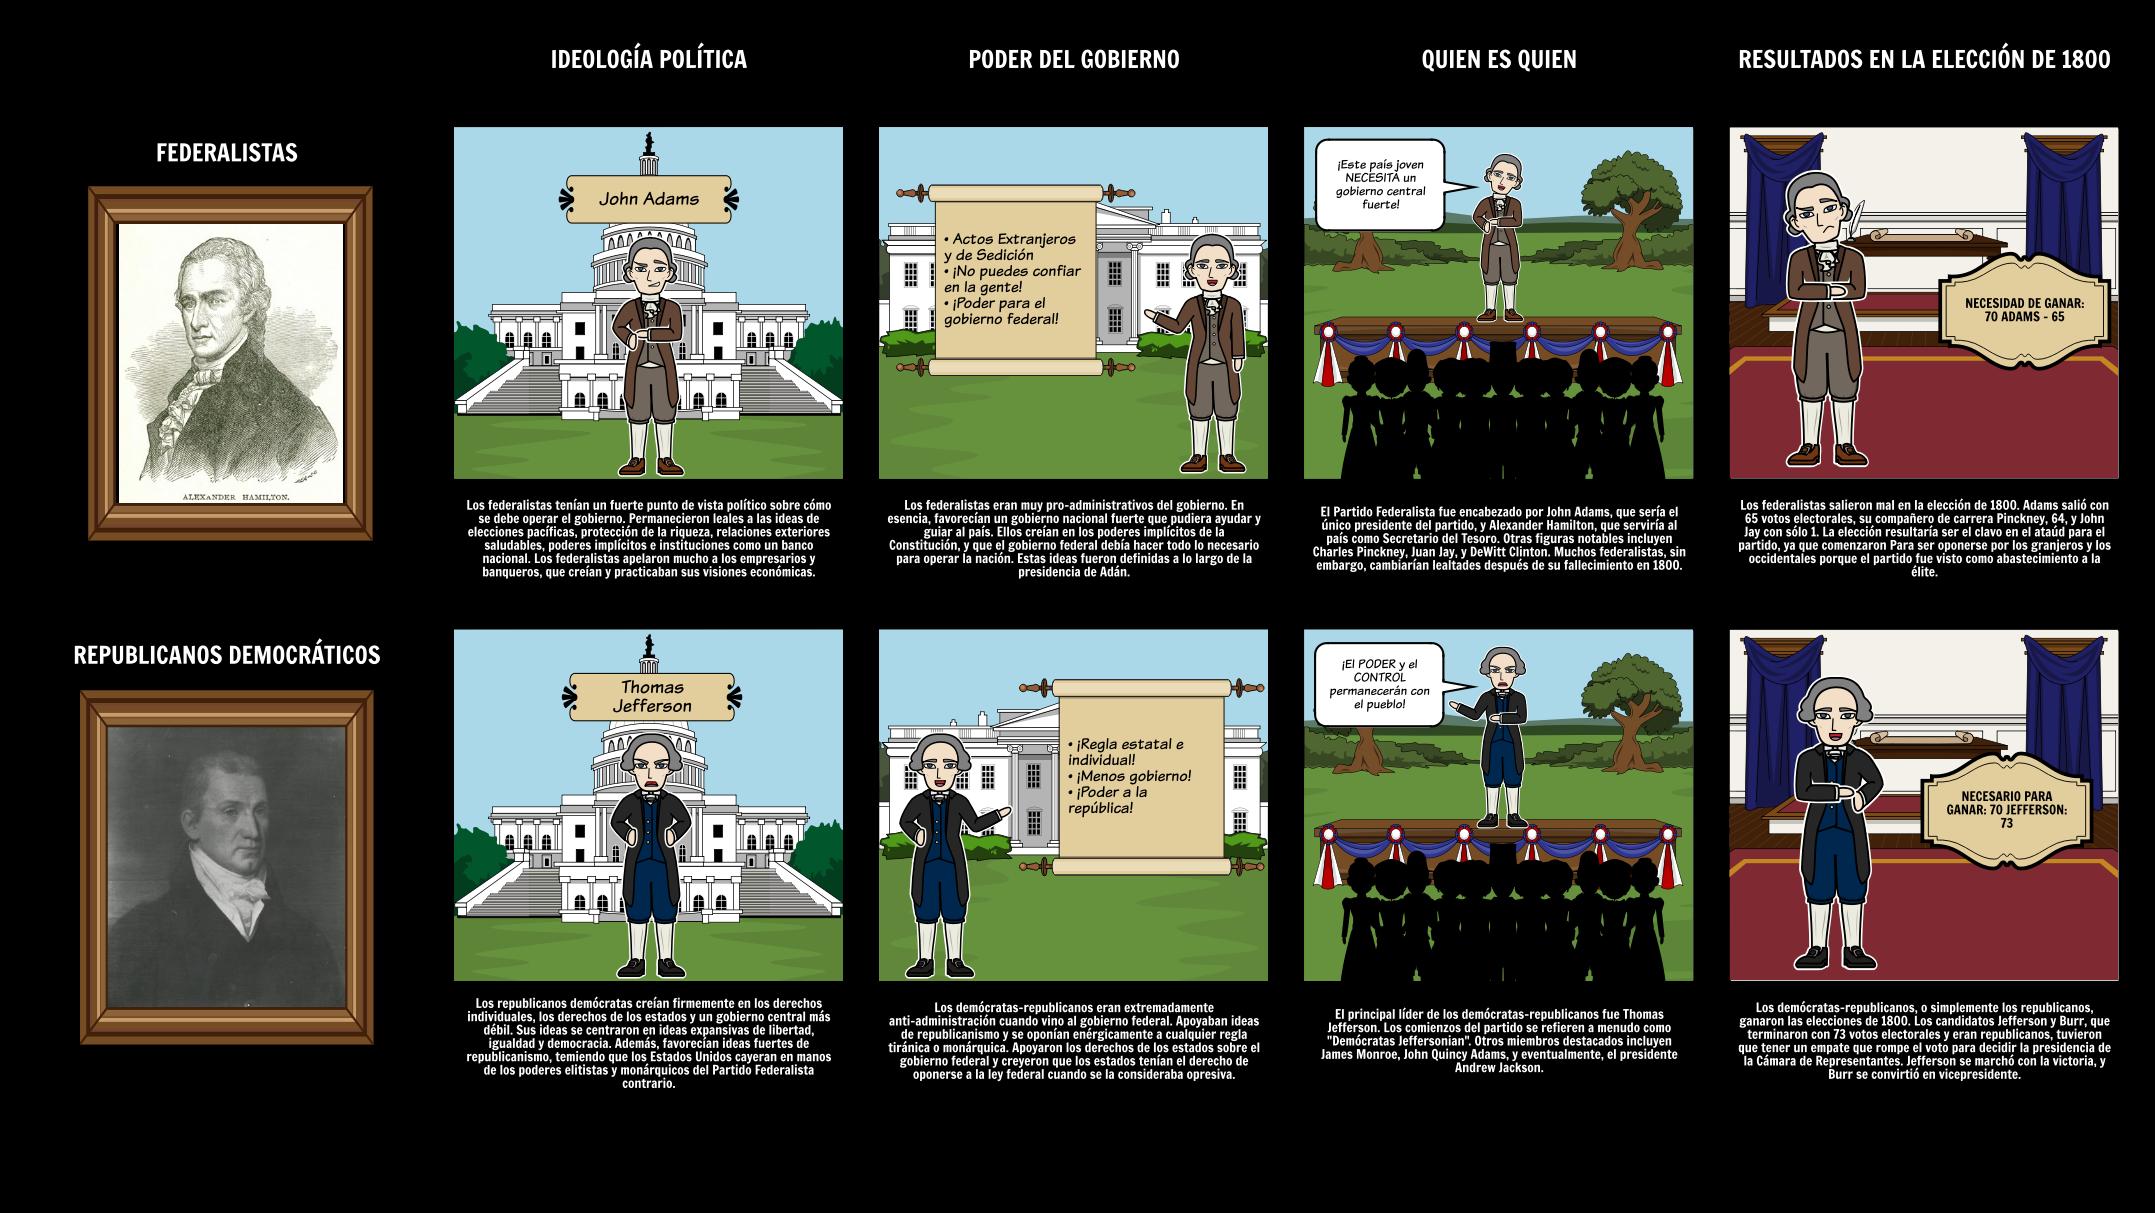 La elección de 1800 - Federalistas contra Demócrata-Republicanos